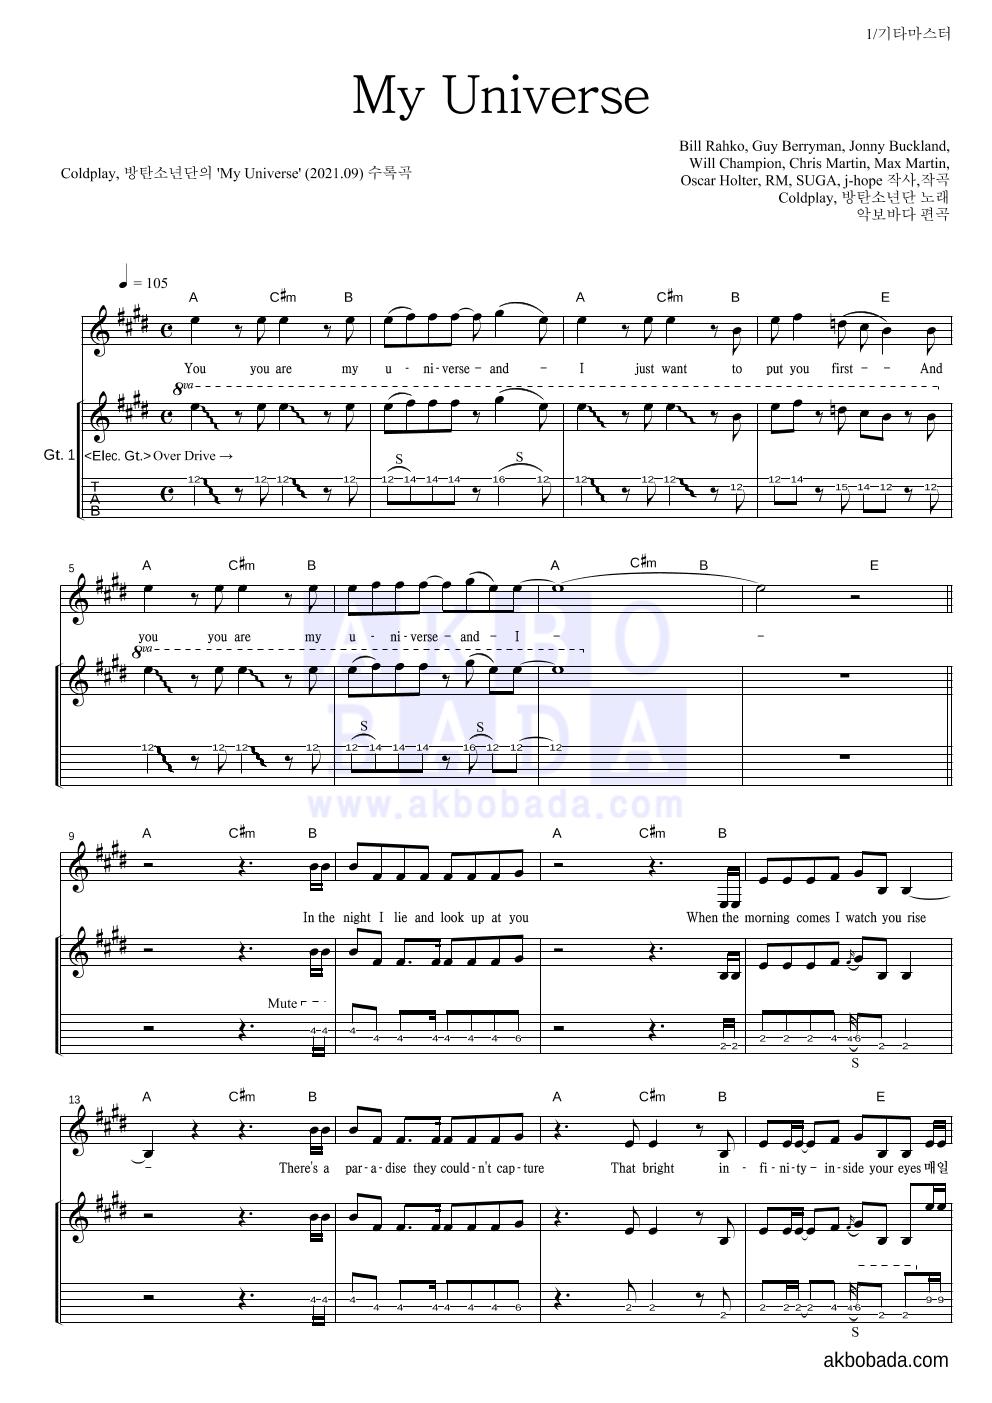 Coldplay,방탄소년단 - My Universe 기타 마스터 악보